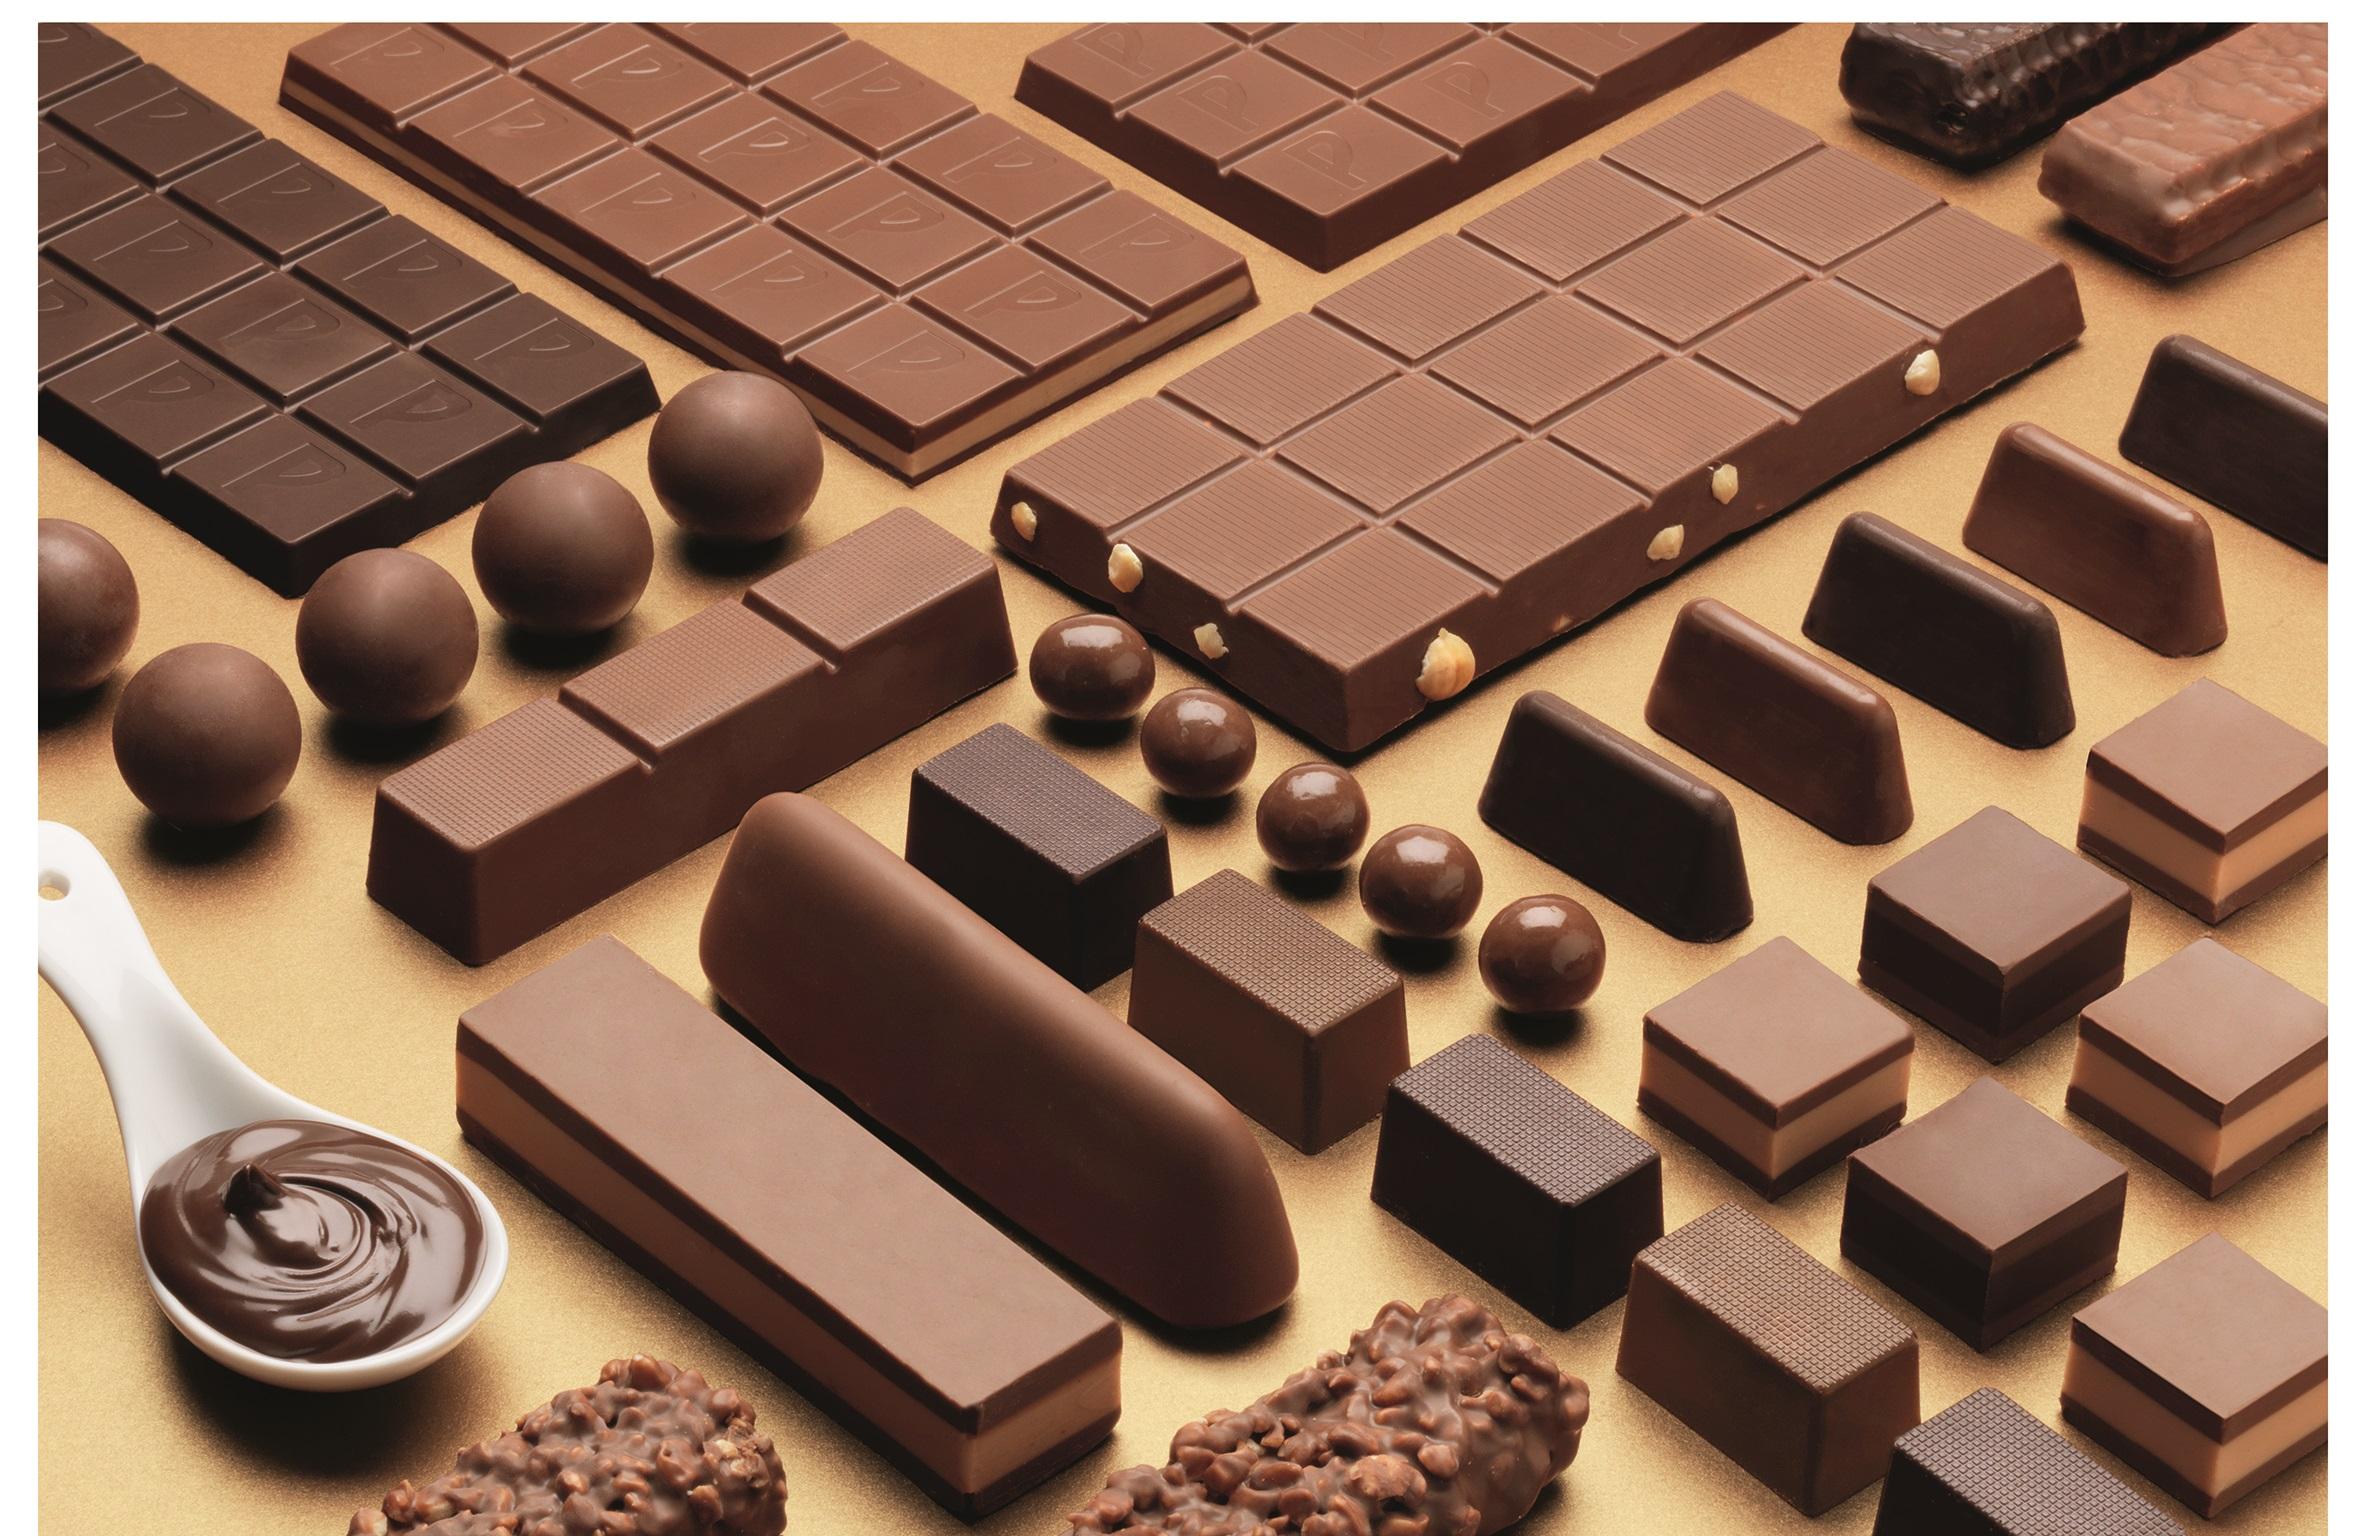 AB_AW_mondo cioccolato